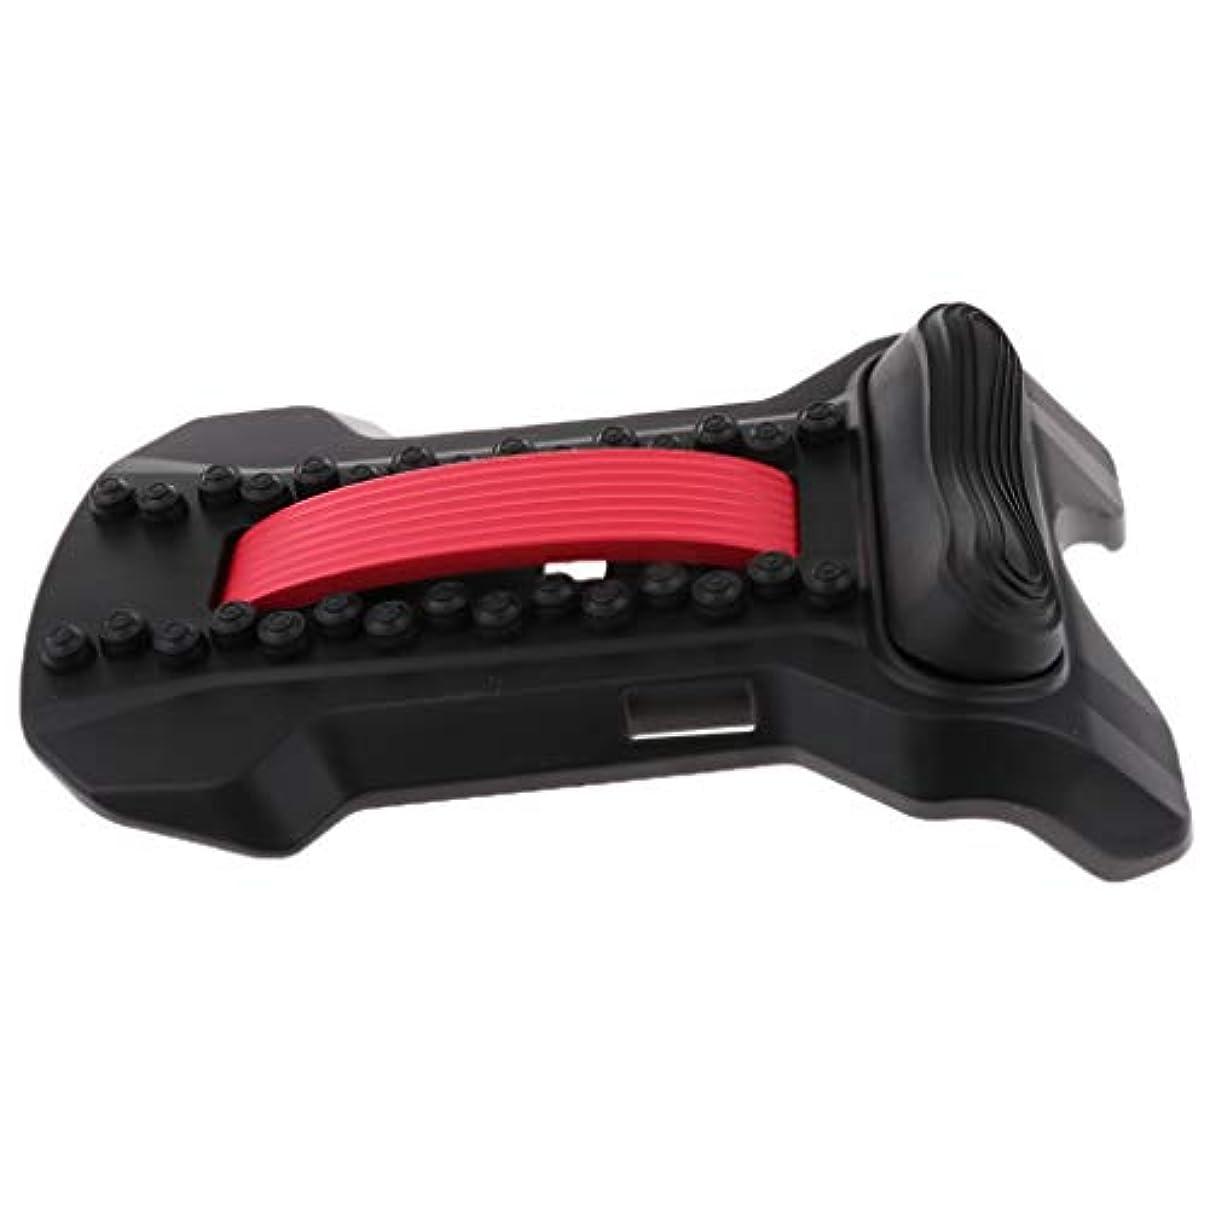 ラリーライオネルグリーンストリートロータリー腰椎サポート バック ストレッチャー 頸椎 ストレッチ マッサージャー ツボ押し 姿勢矯正 全5色 - 黒赤, 22×37×8cm